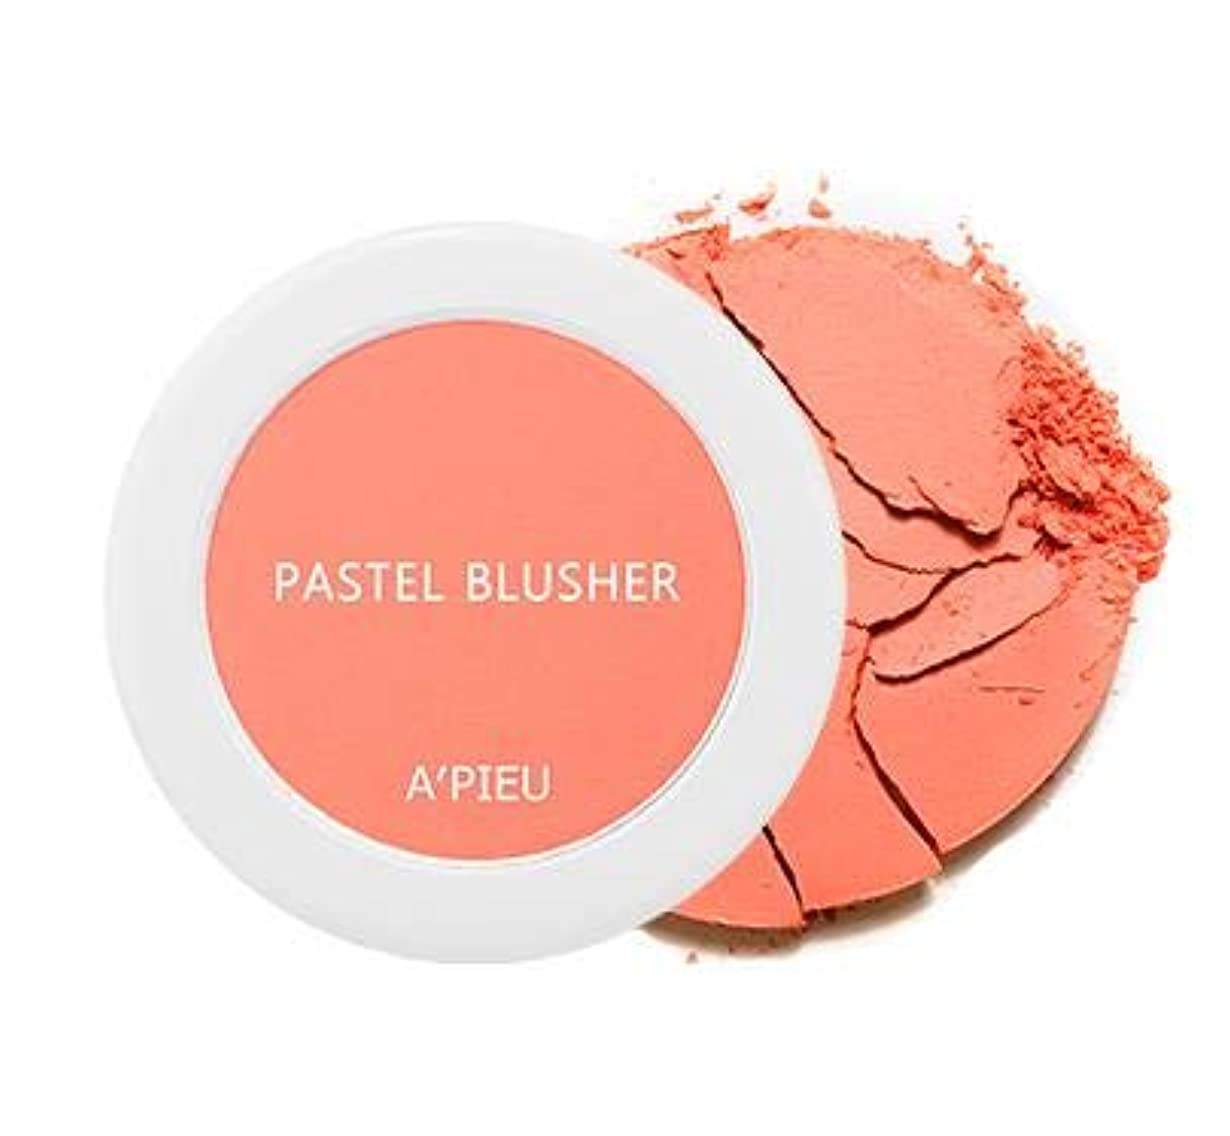 アピュ[APIEU] Pastel Blusher パステル ブラッシャー (OR04) [並行輸入品]